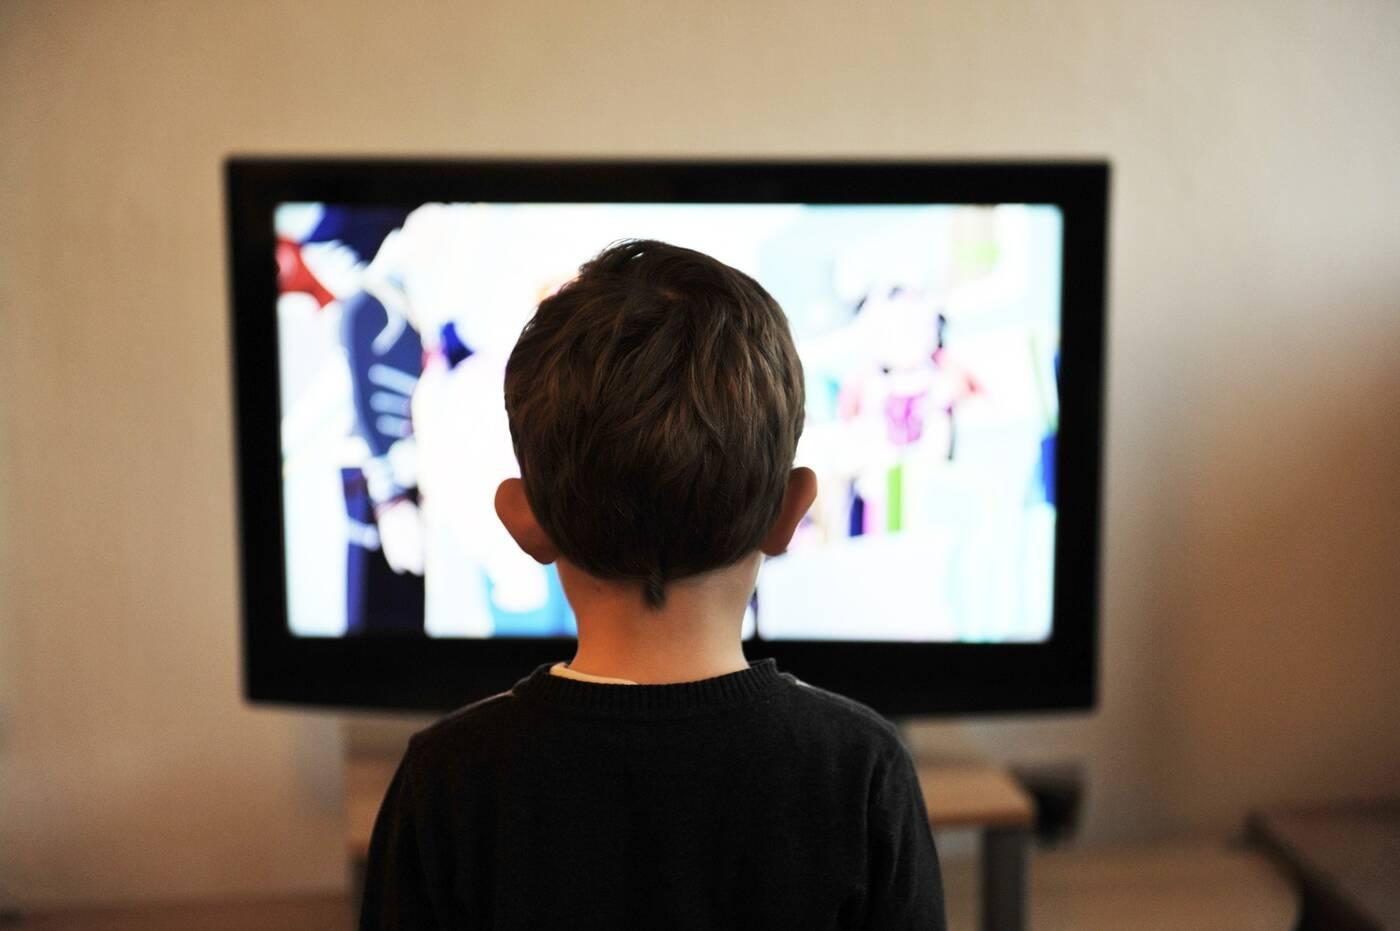 Kupujesz telewizor? Sprawdź parametry, by móc oglądać telewizję naziemną